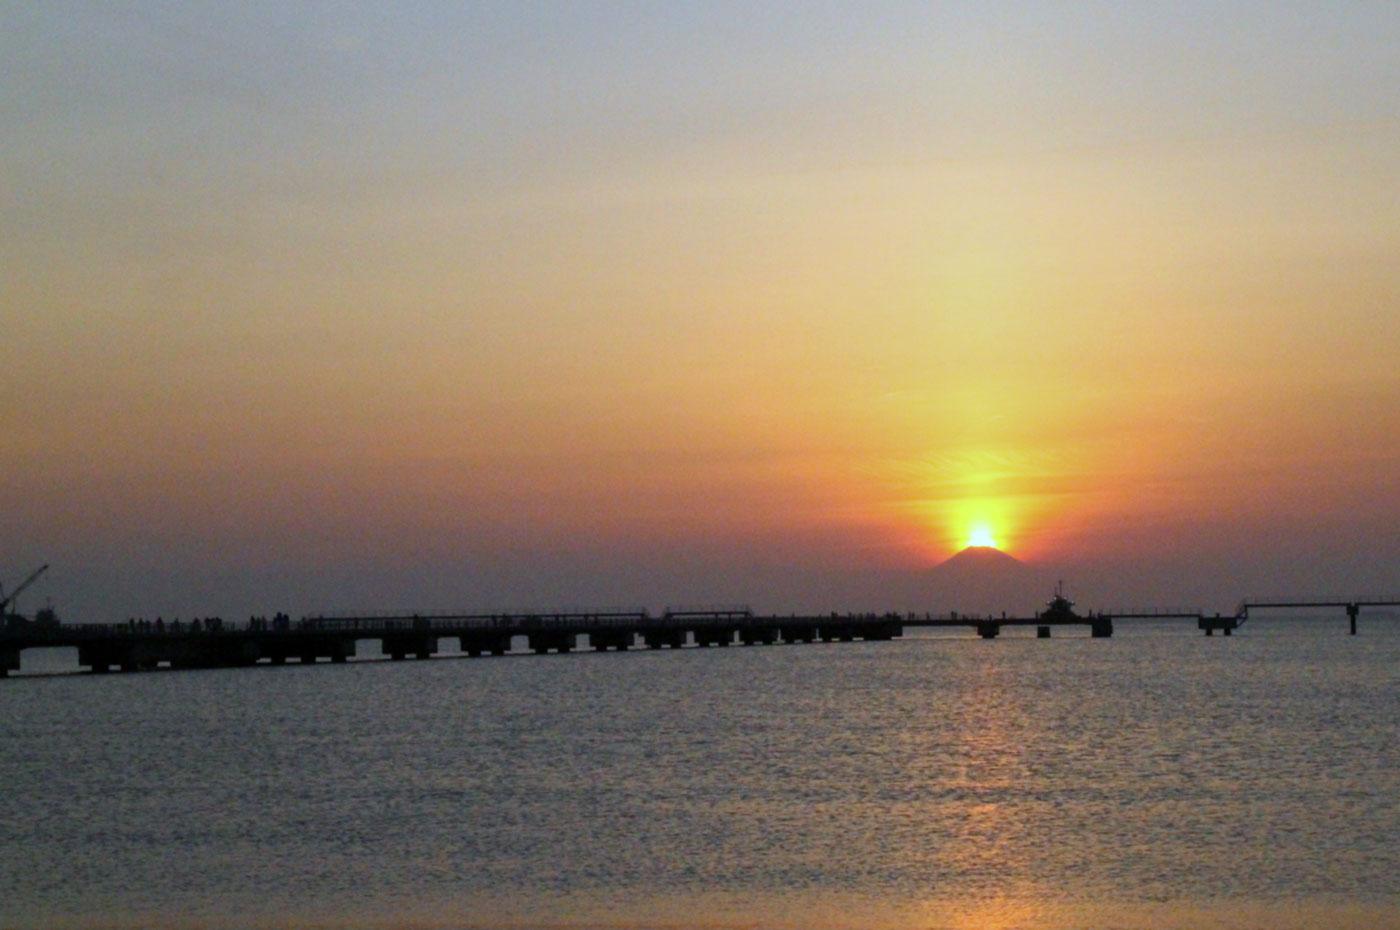 北条海岸、館山総合高校水産校舎前からのダイヤモンド富士